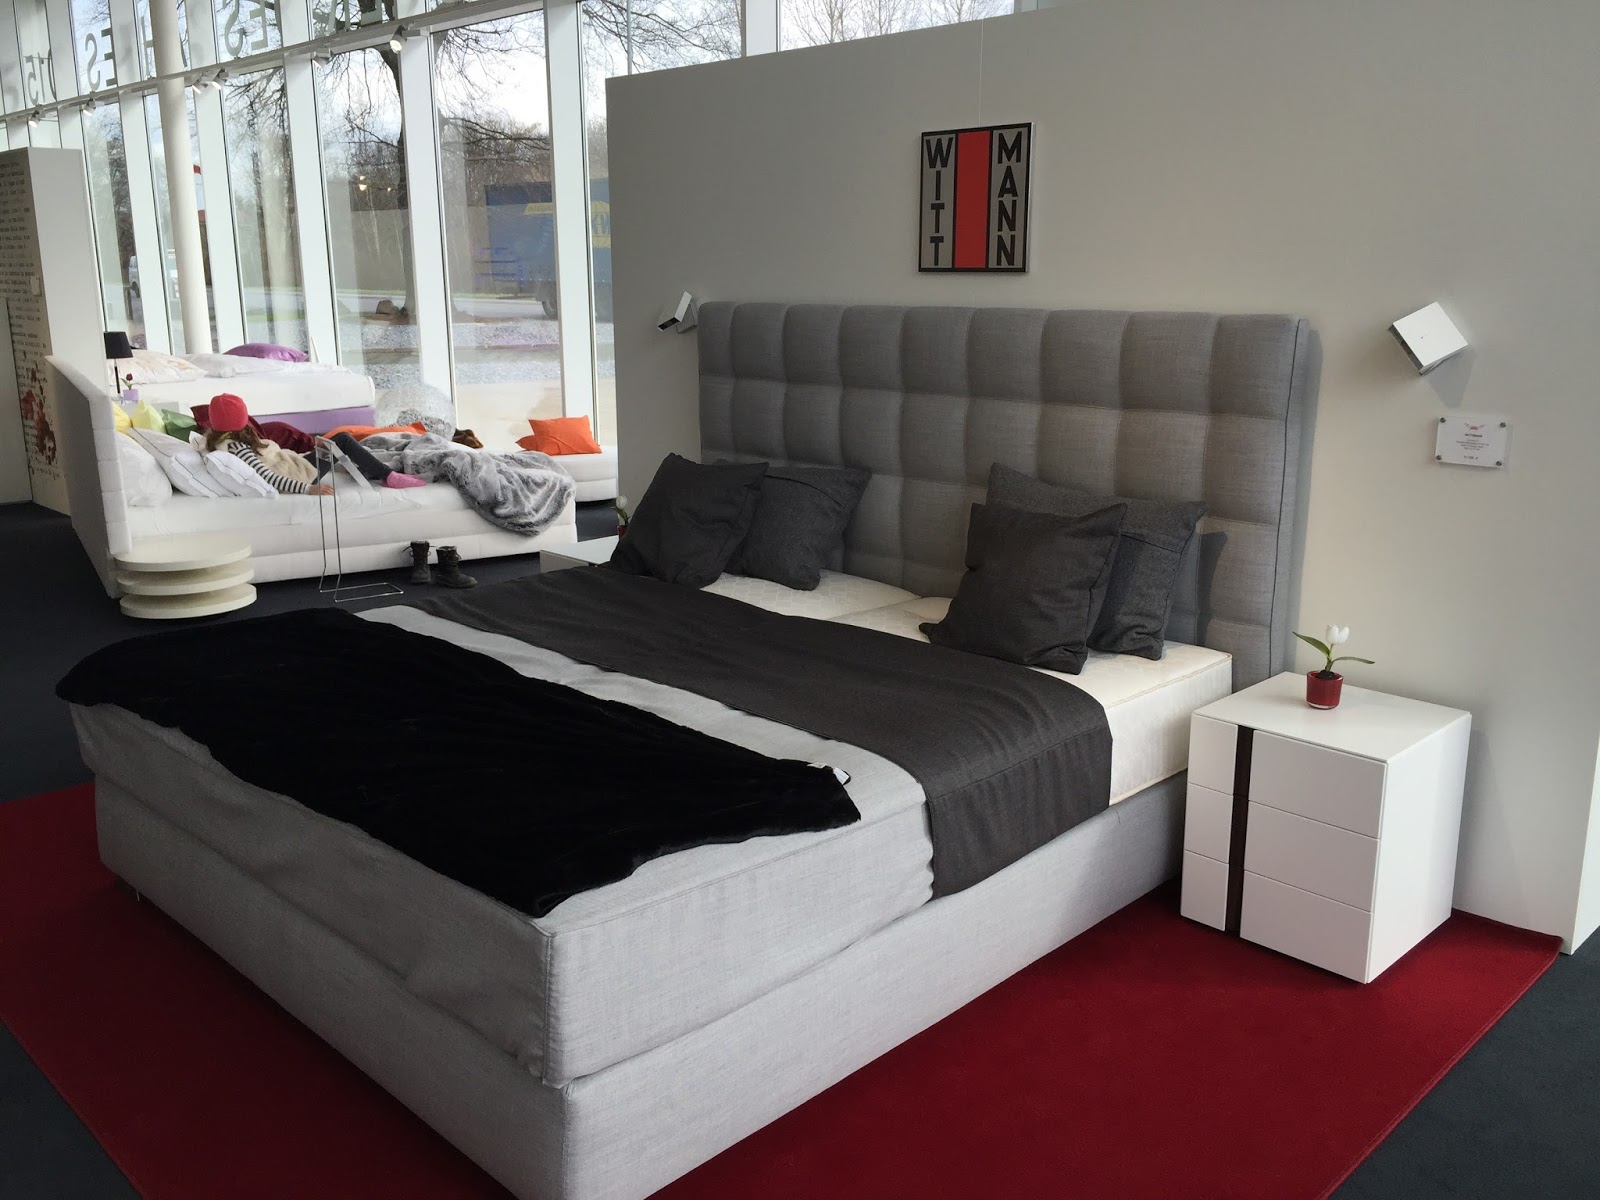 reihenhaus von werner wohnbau in bickenbach bettenfach h ndler des jahres. Black Bedroom Furniture Sets. Home Design Ideas